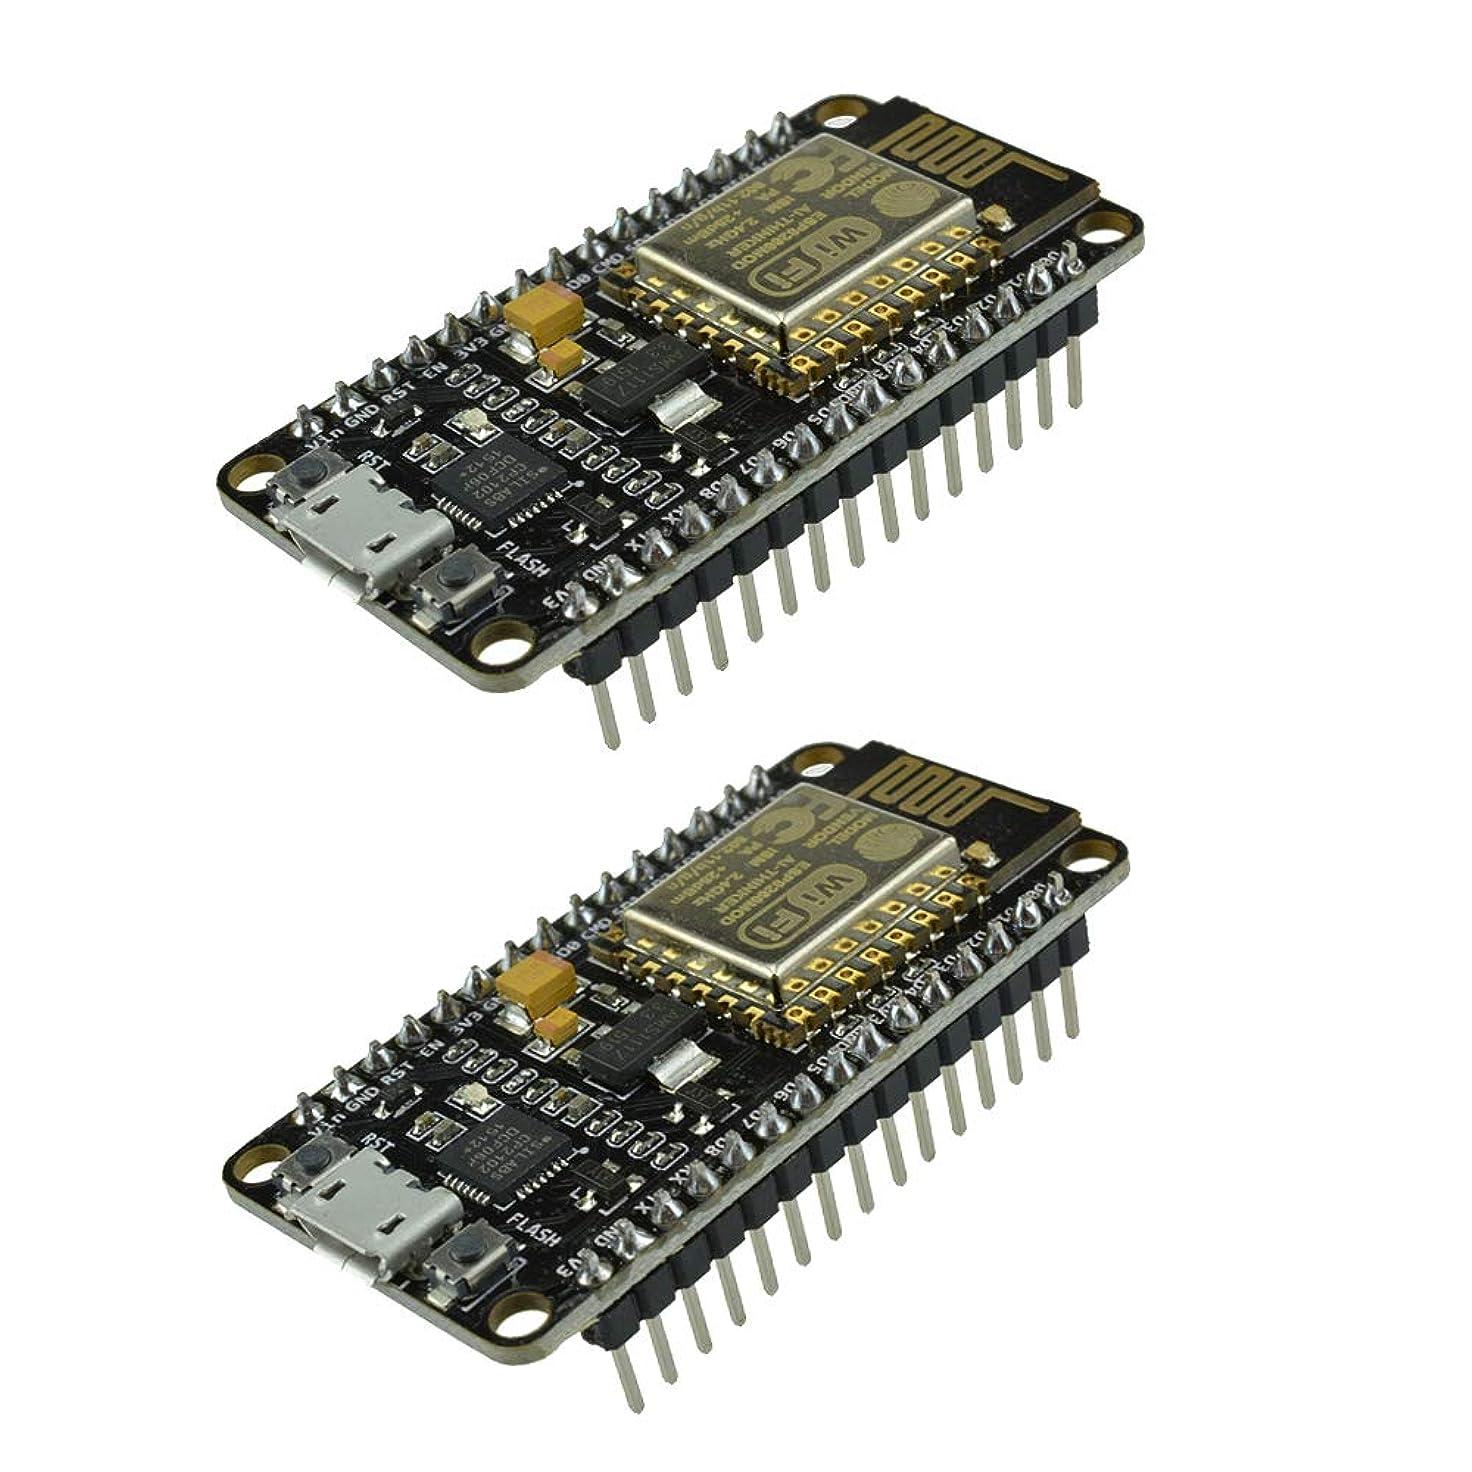 ポンド人気の受け入れ2個セット NodeMcu Lua V2 CP2102 ESP8266 ESP-12E WiFiモジュールワイヤレスマイクロUSBインターフェース 4MBモノのインターネット開発ボード